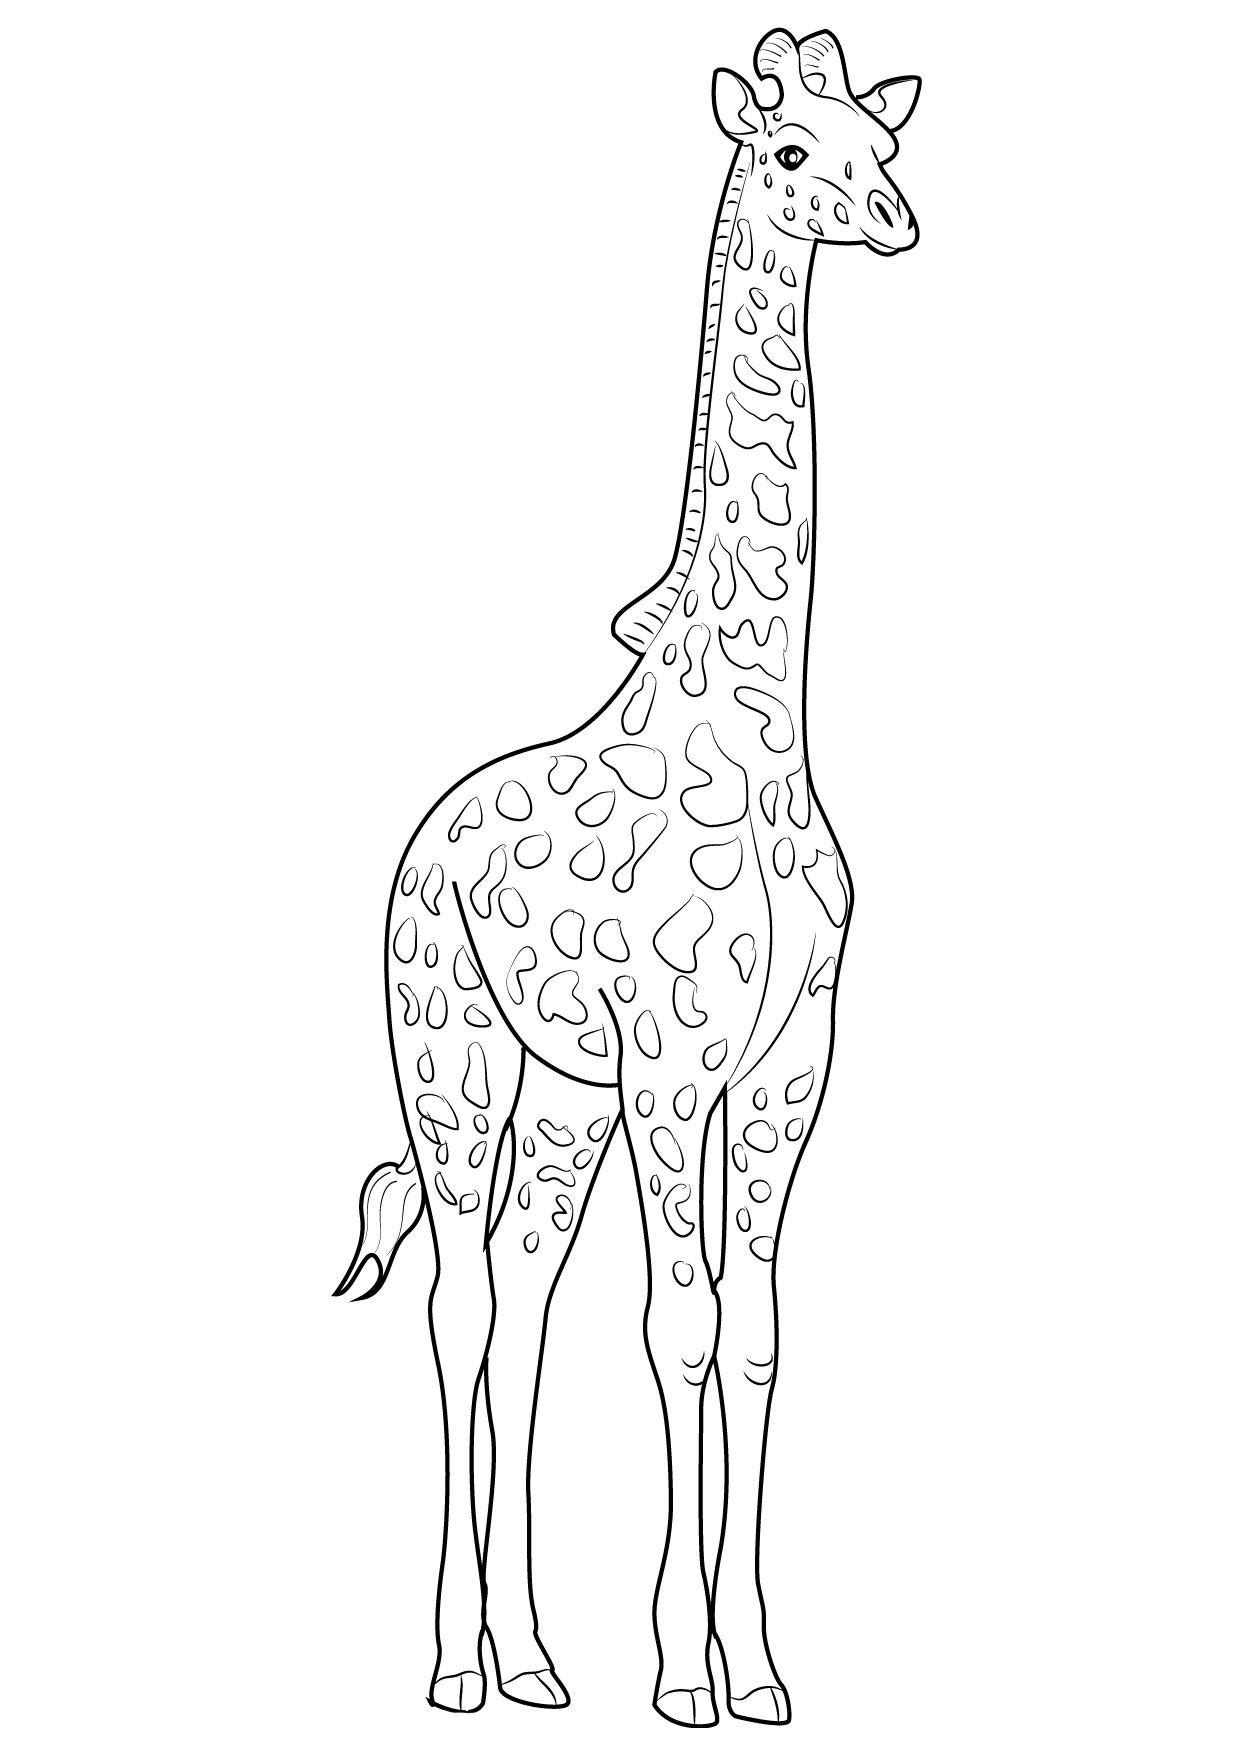 30 Disegni Di Giraffe Da Colorare Disegni Disegno Giraffa E